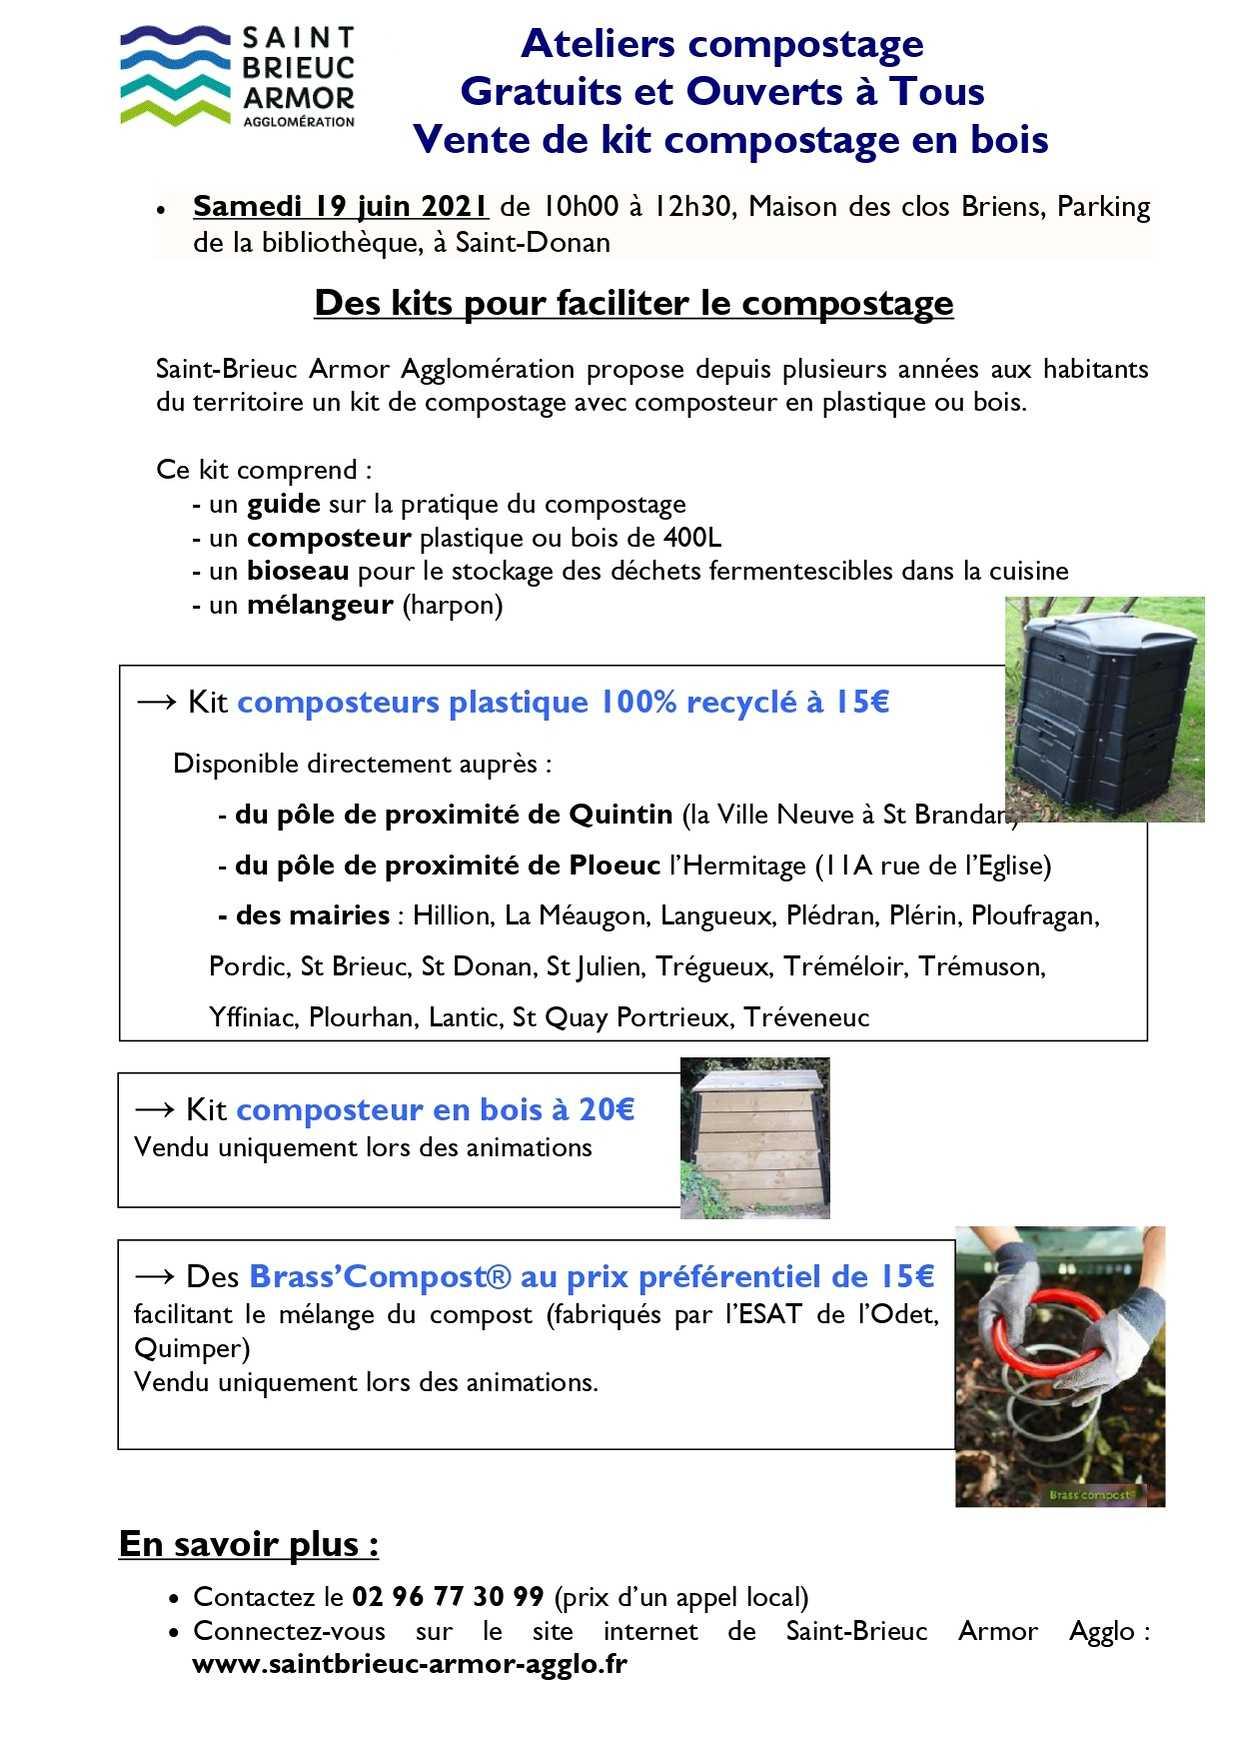 ateliers compostagegratuits et ouverts a tous vente de kit compostage en bois